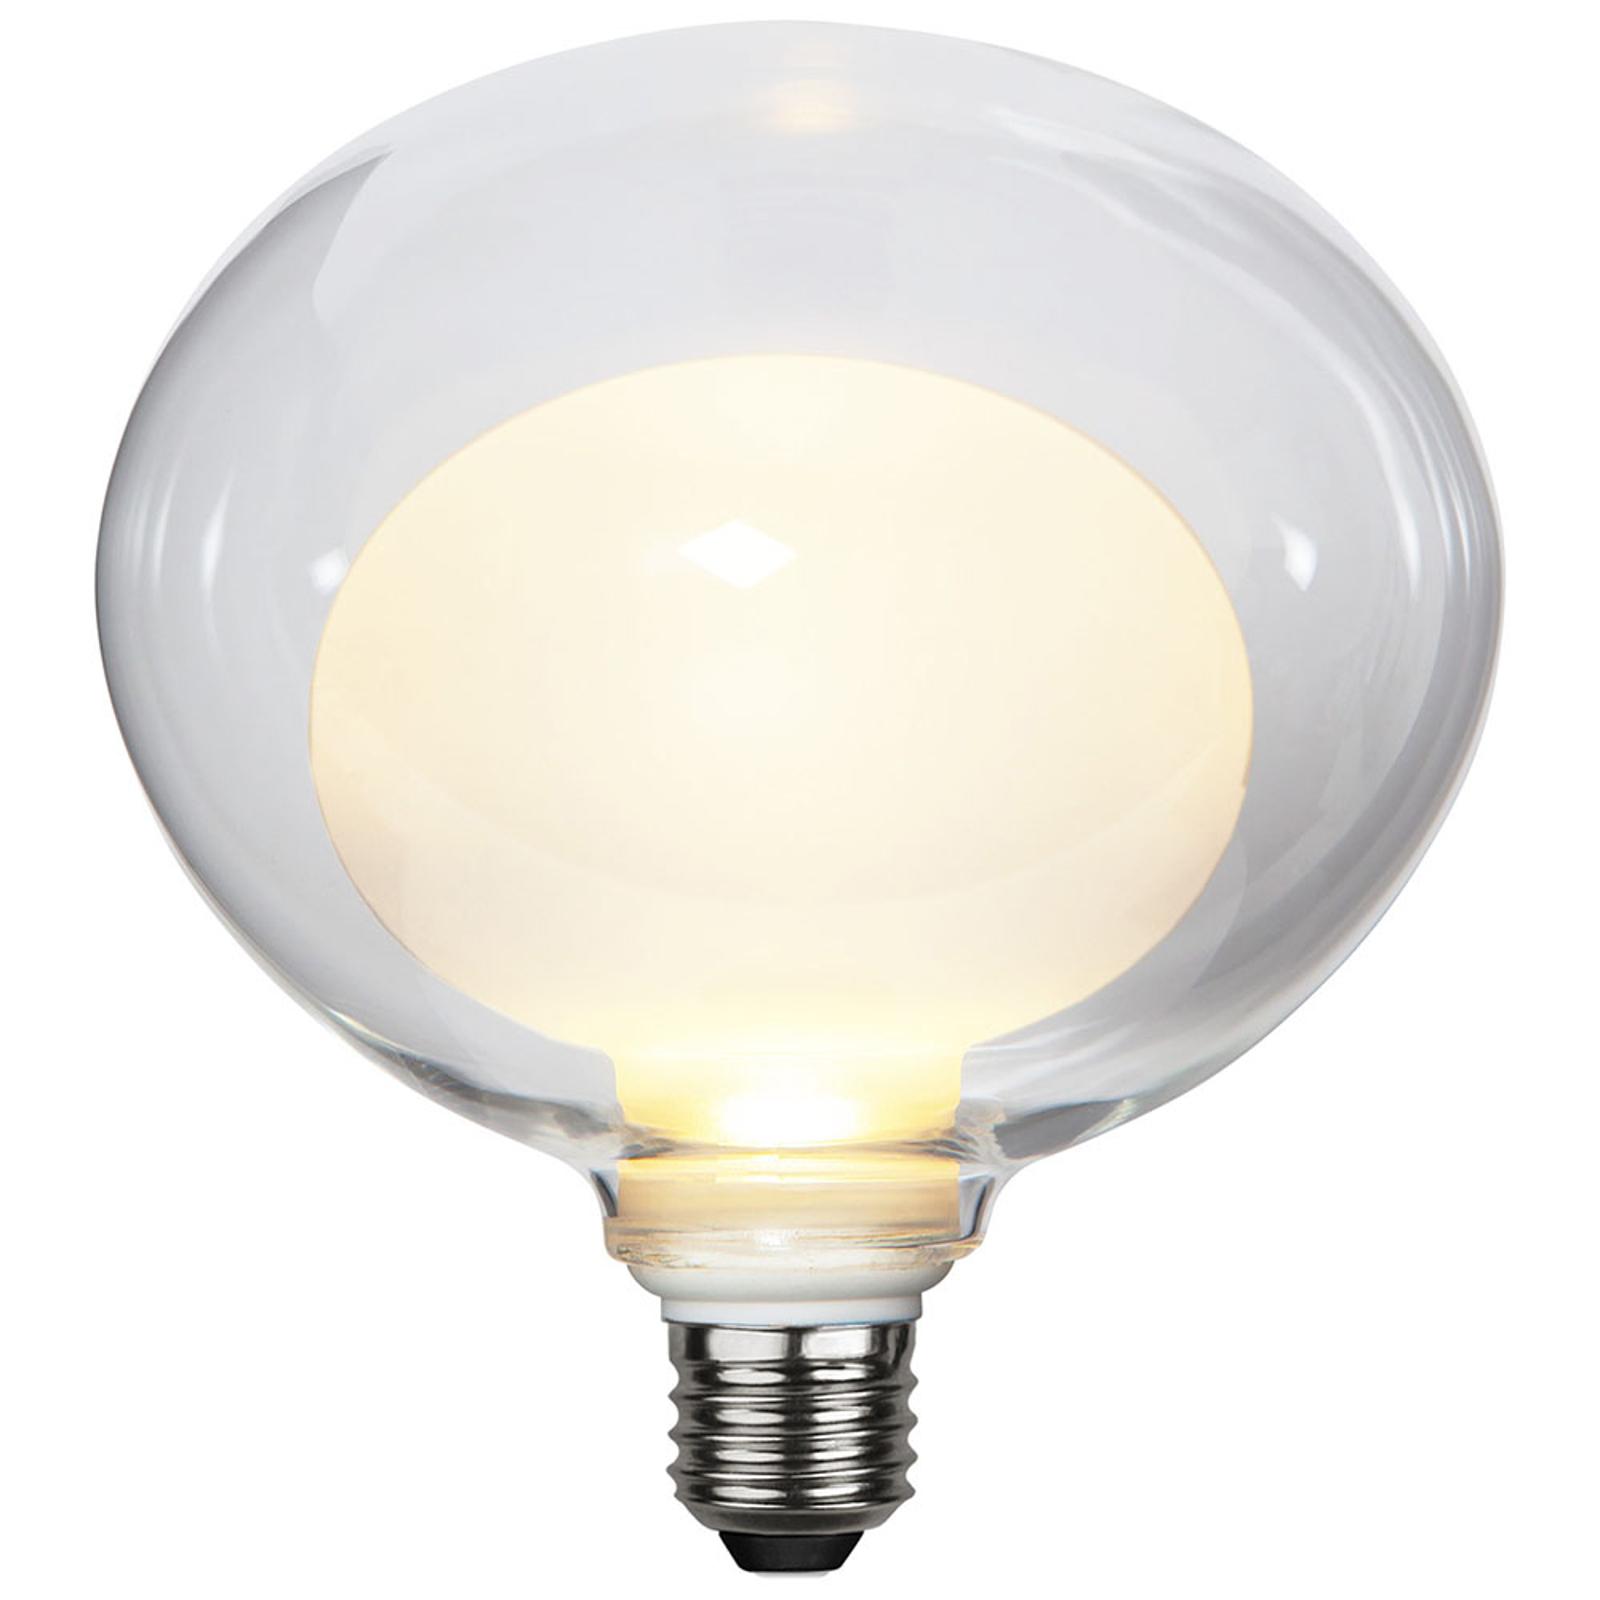 LED-pære Space E27 3,5W G150, opal, 3-trinns dim